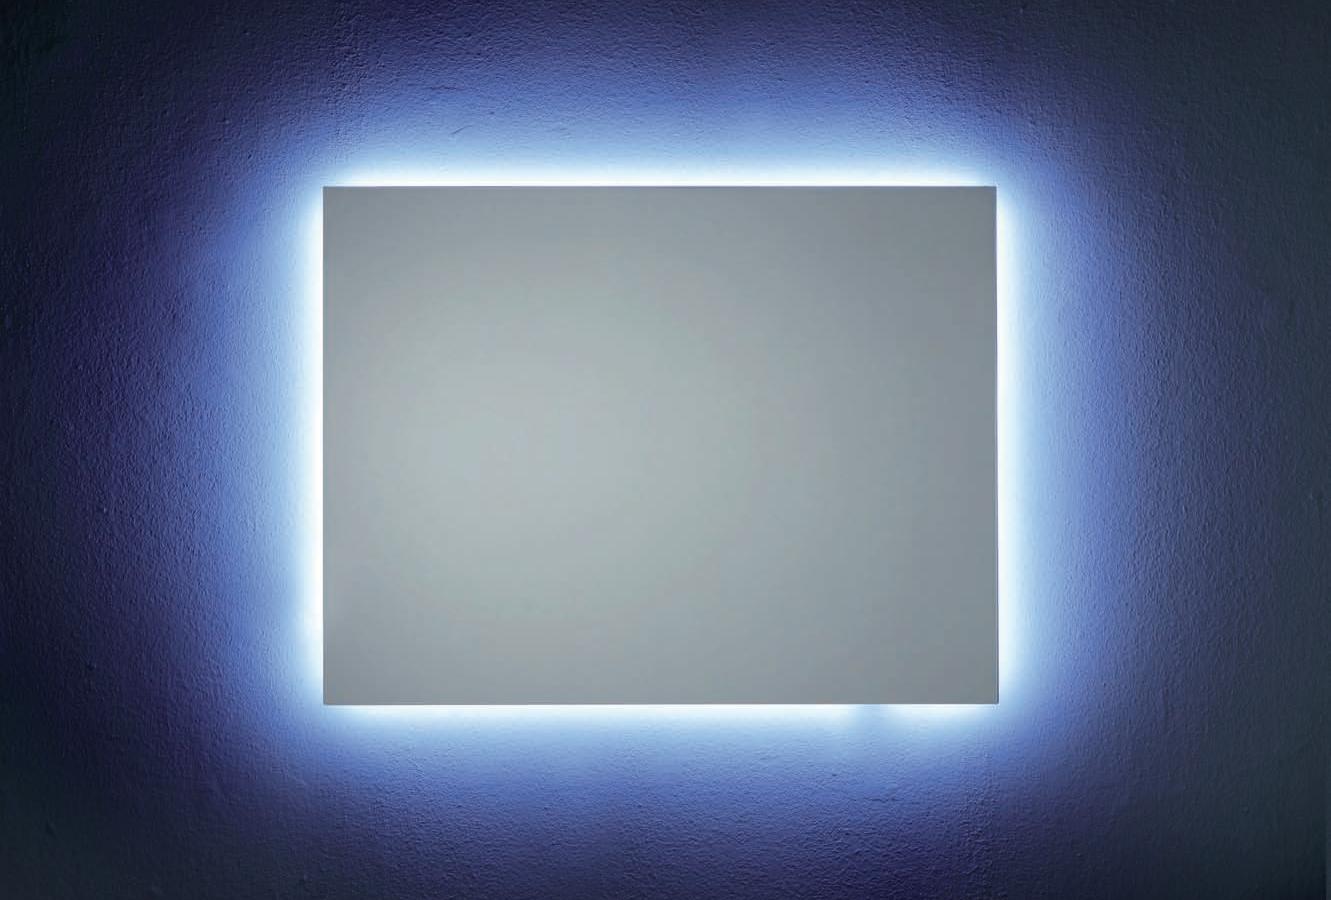 specchio_da_bagno_galaxy_illuminzione_perimetrale_led_60_70_90_vanita_e_casa